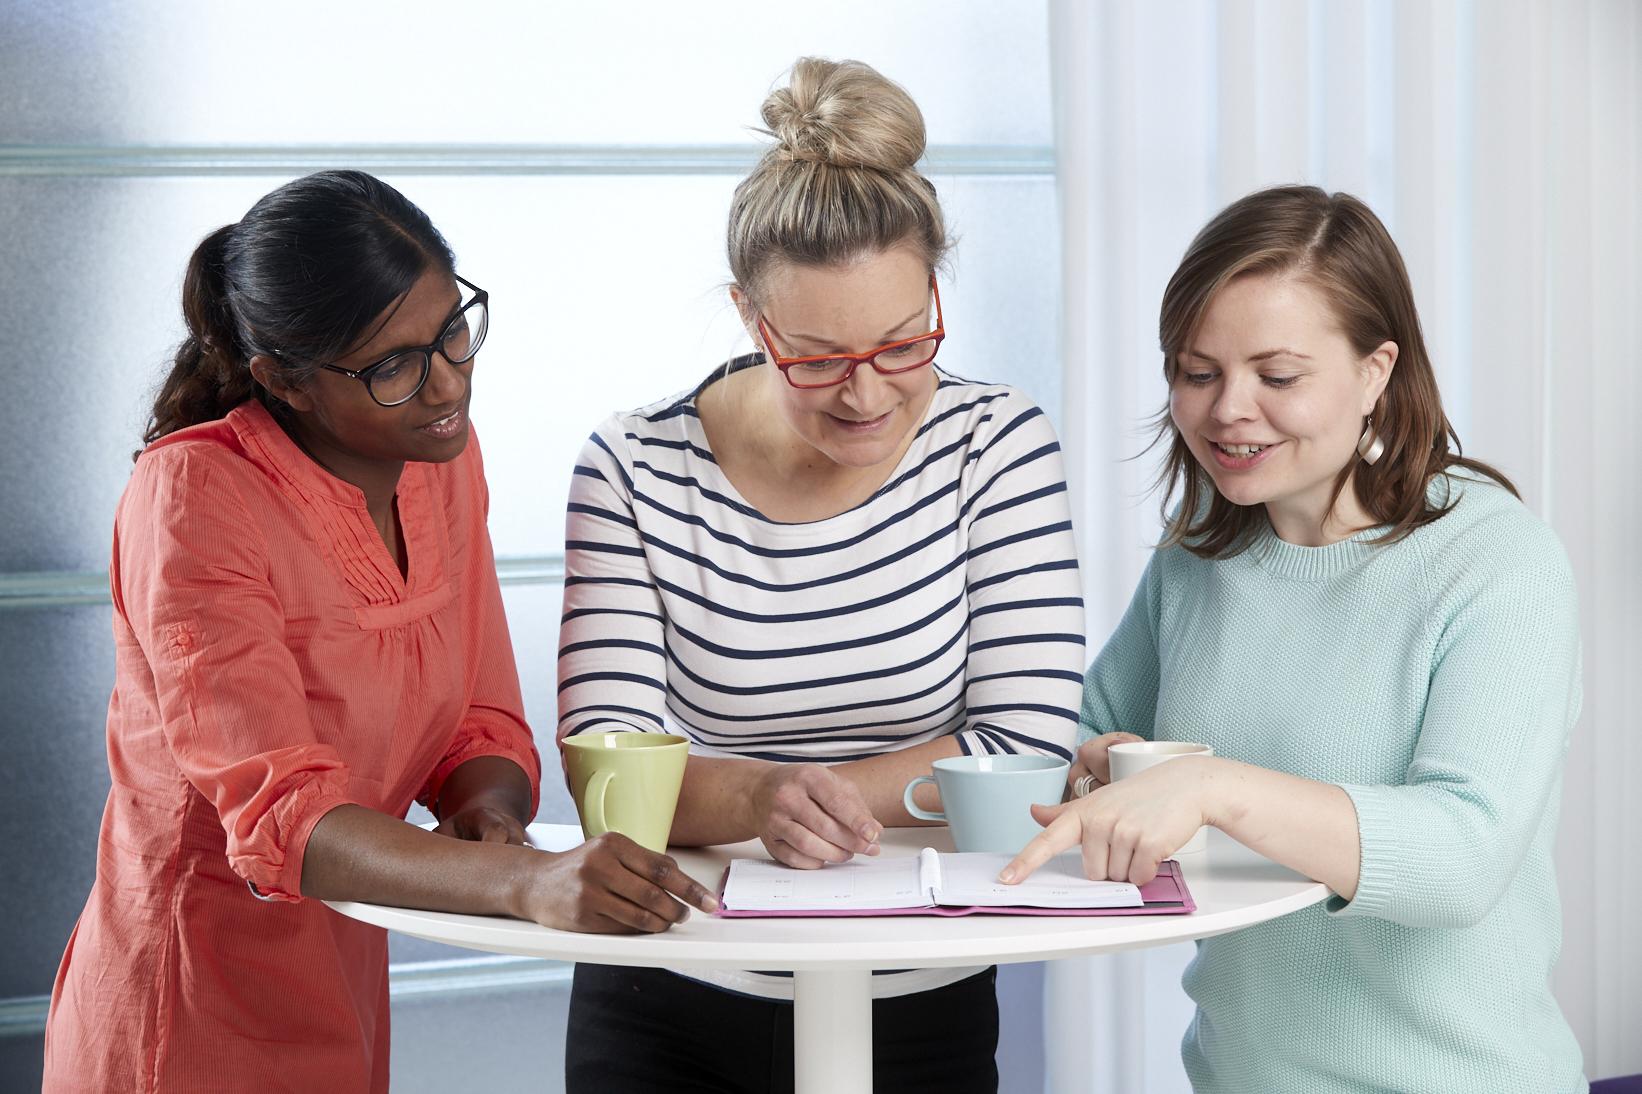 Opettajat suunnittelevat oppituntia